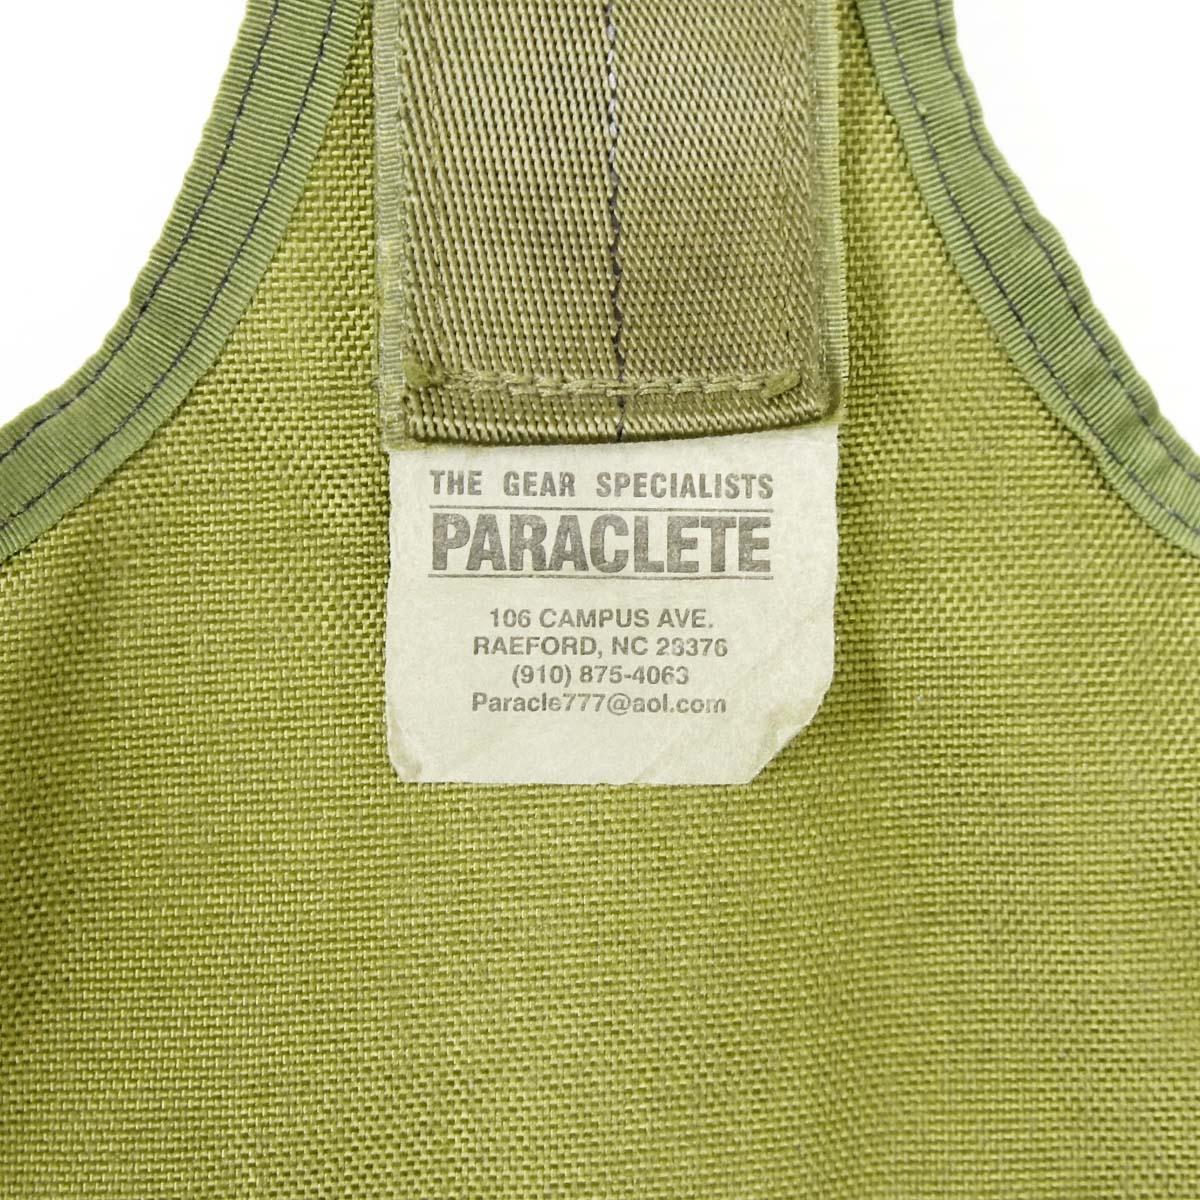 20080295-7 PARACLETE サイホルスターパネル *OD/初期タグ/1999年・2000年製YKKバックル/●ホルスターパーツ欠品